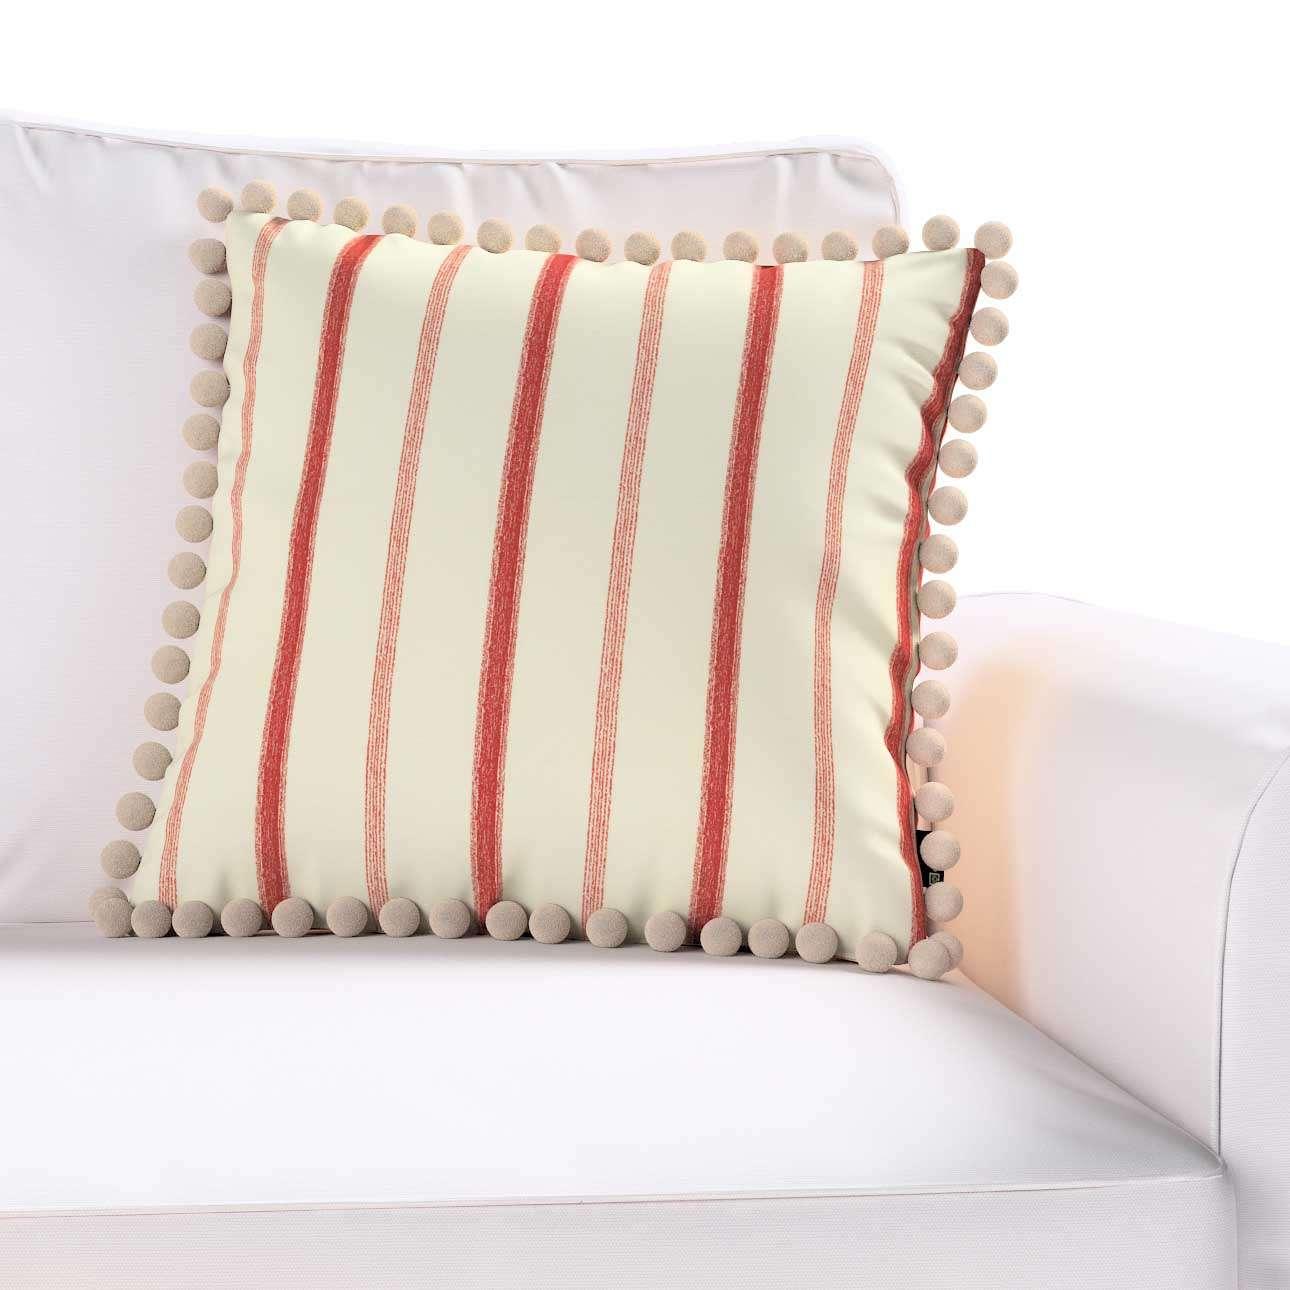 Poszewka Wera na poduszkę w kolekcji Avinon, tkanina: 129-15